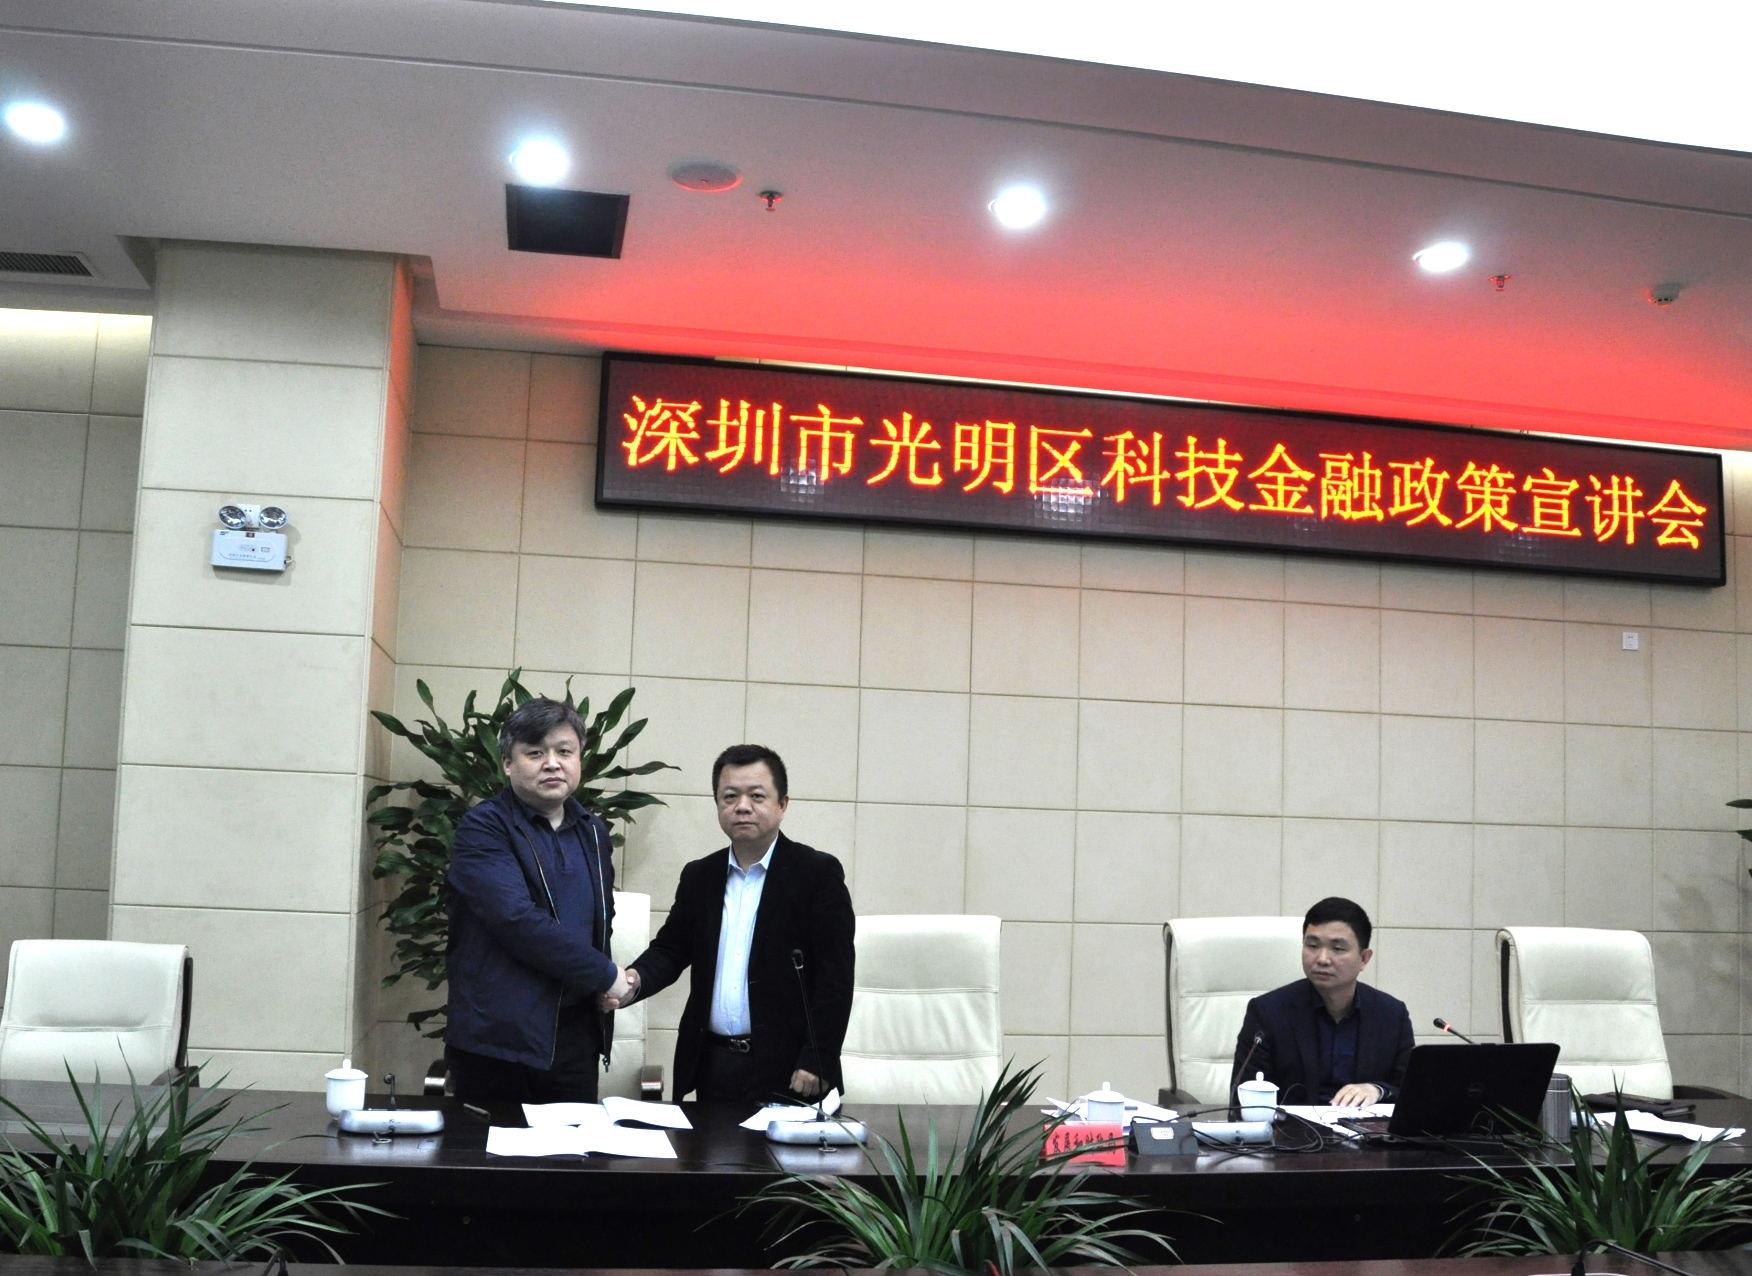 深圳光明沪农商村镇银行成为深圳市光明区科技金融项目签约银行